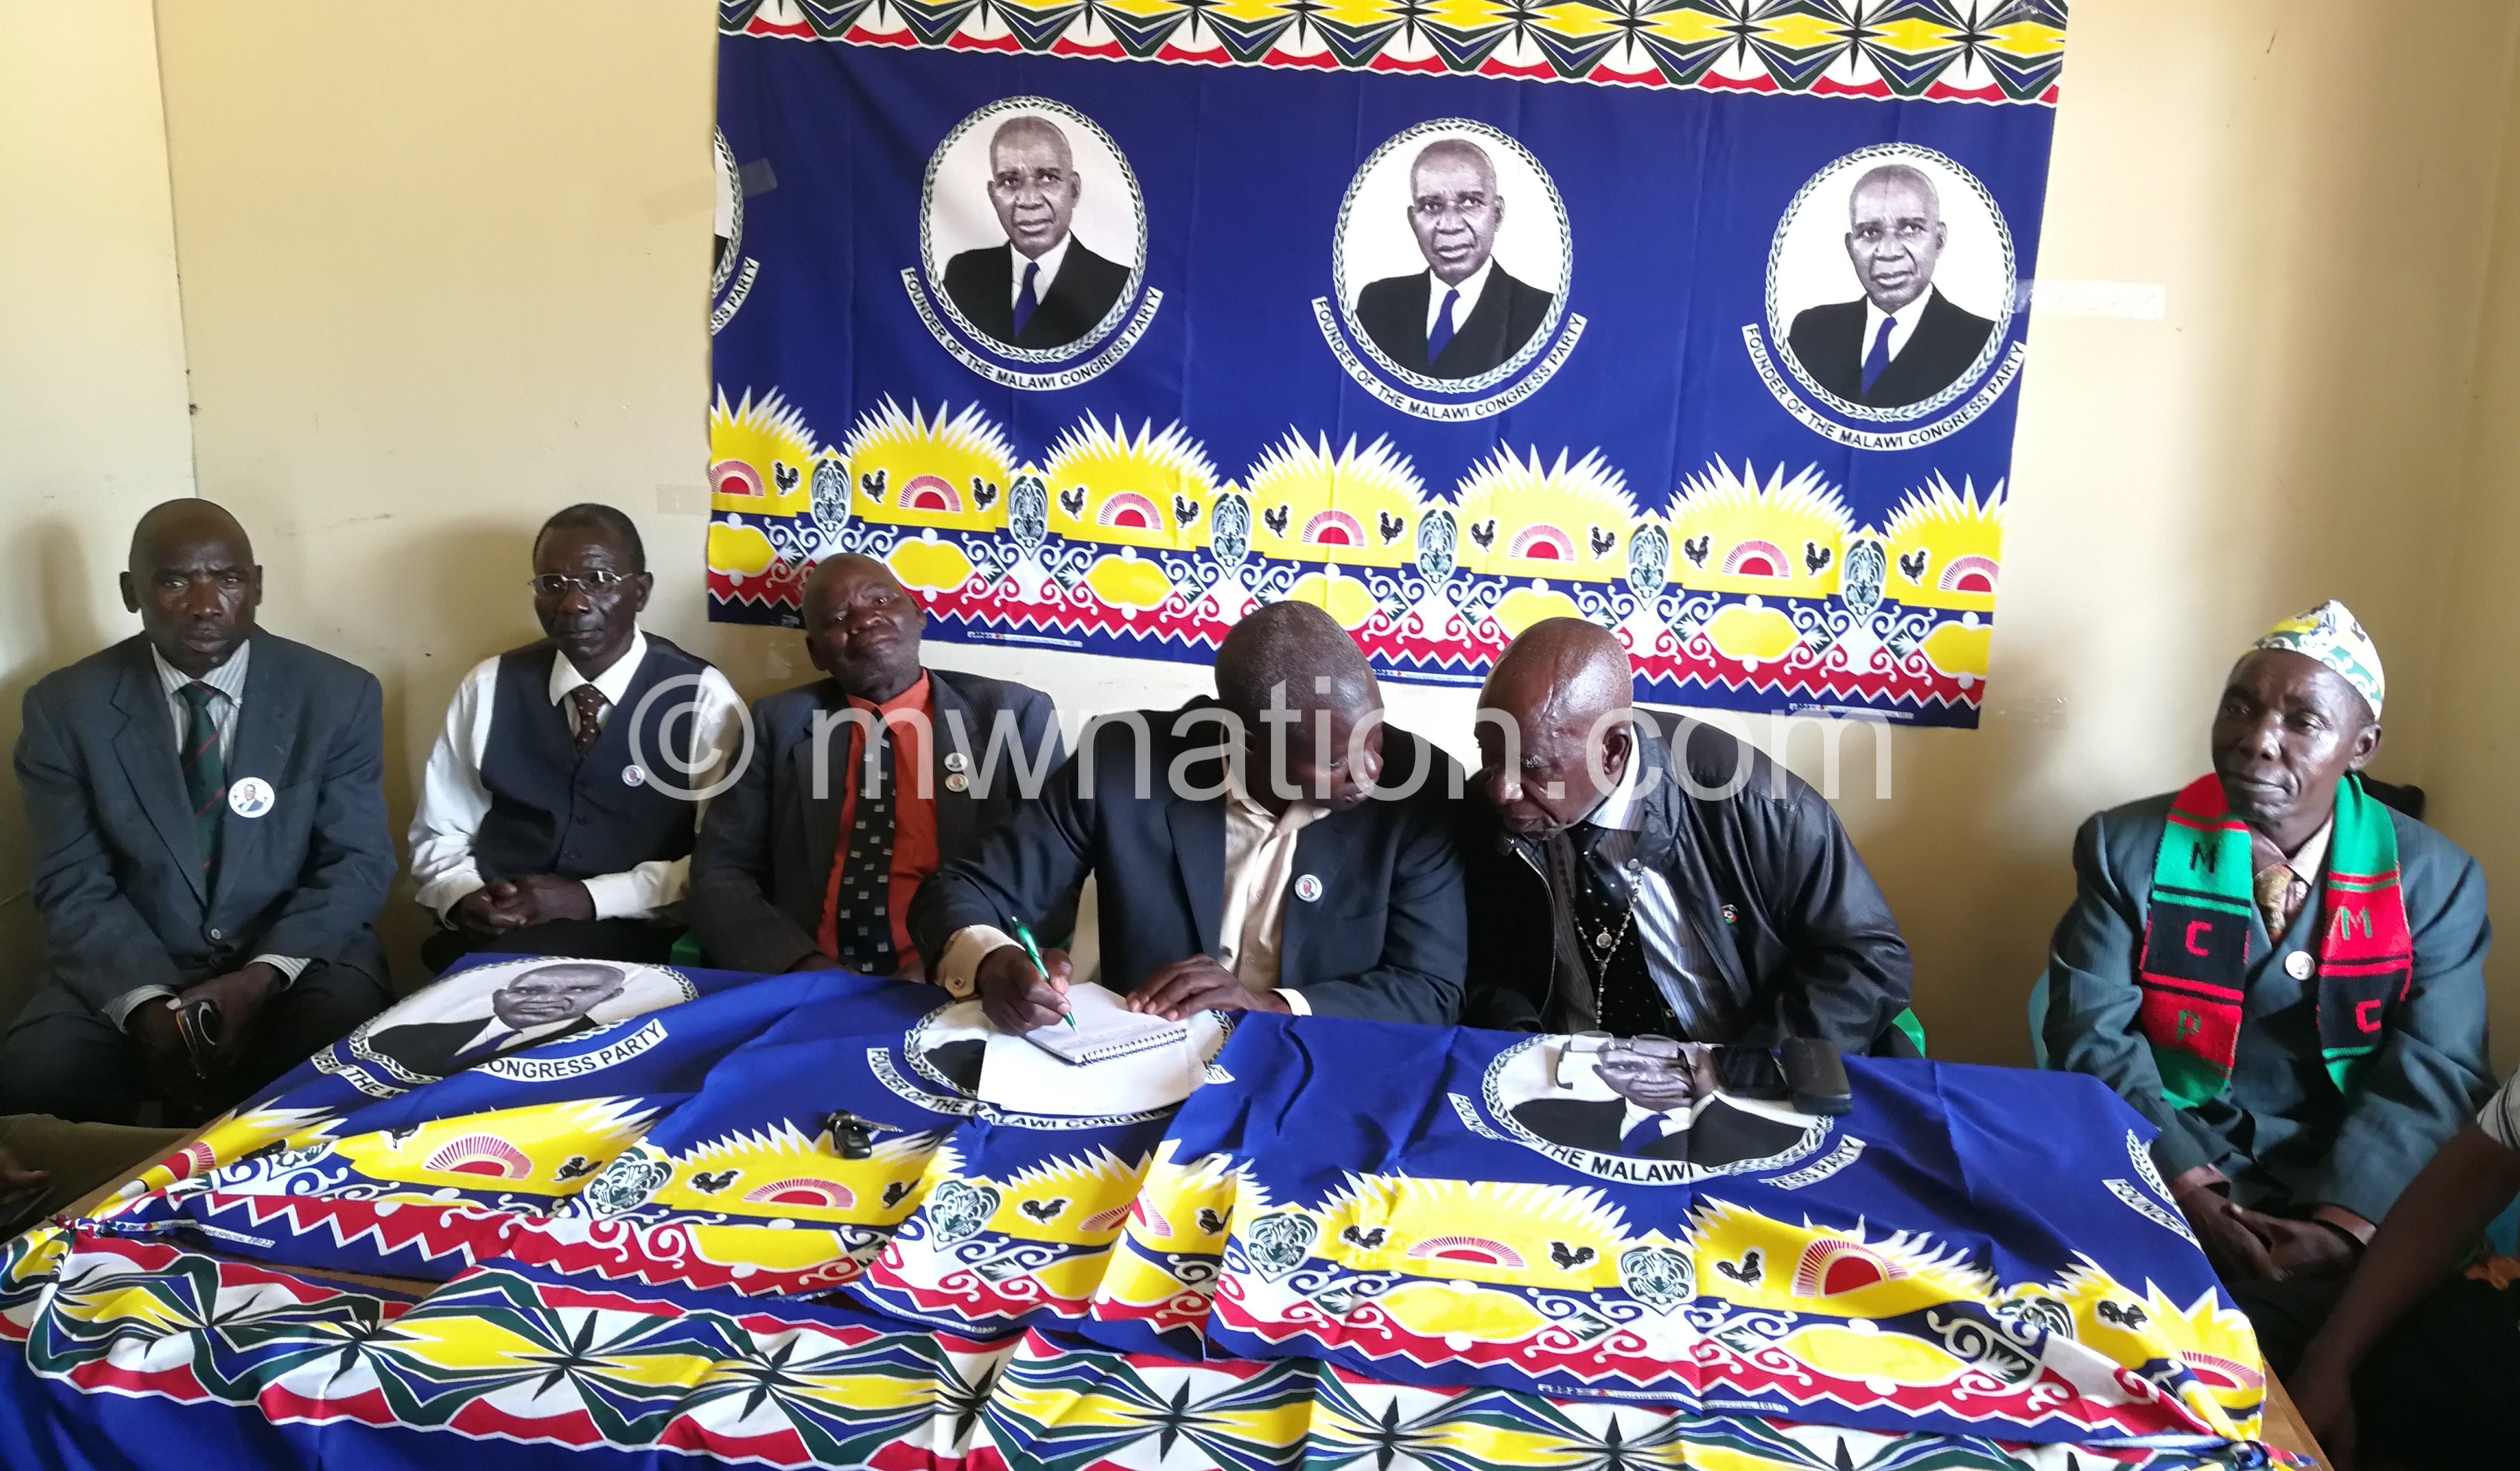 MCP Mzuzu | The Nation Online